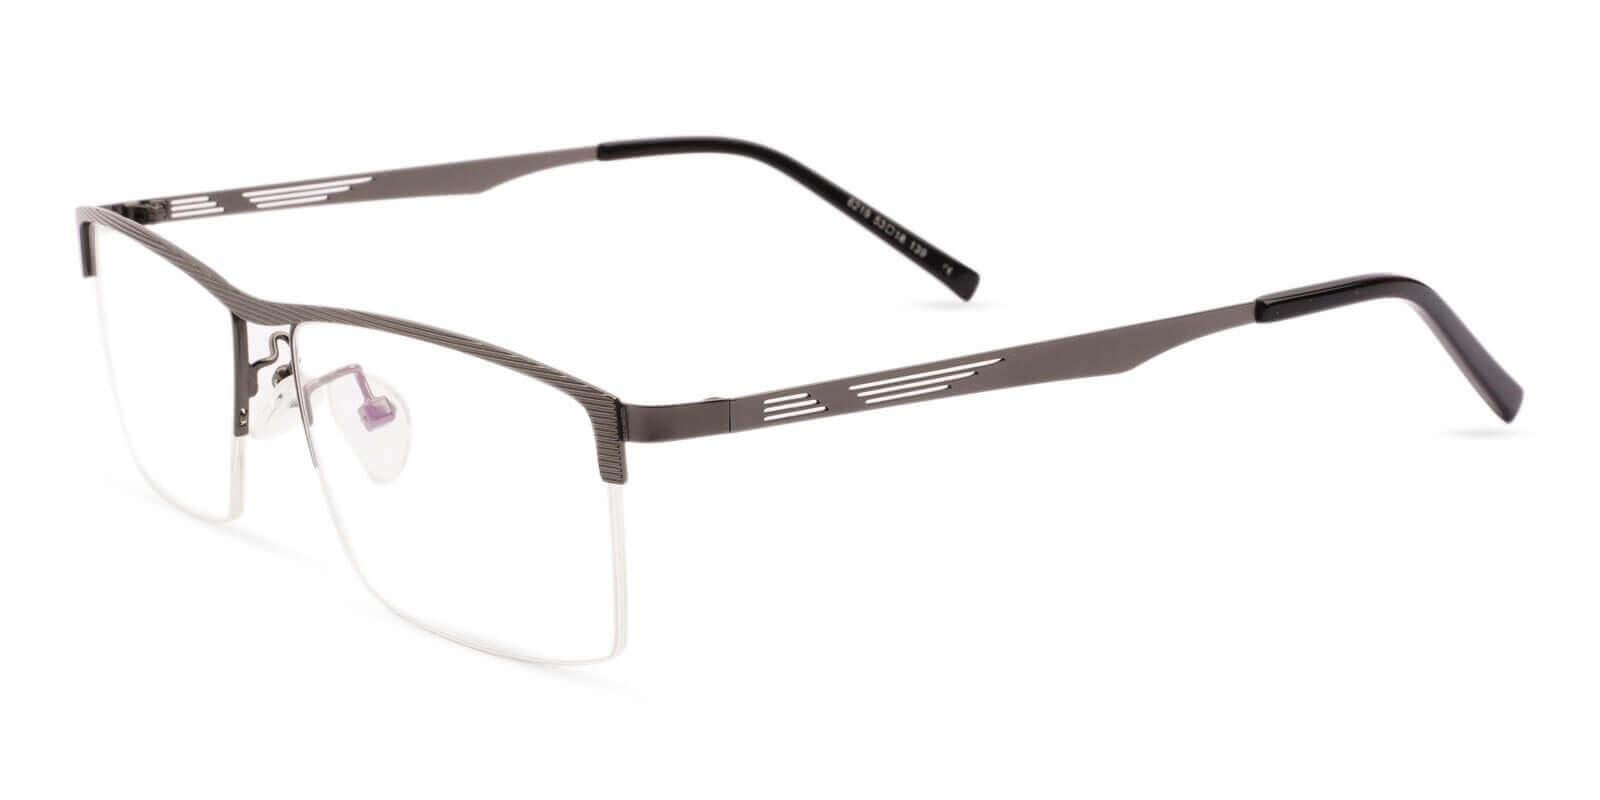 Henry Gun Metal Eyeglasses , NosePads Frames from ABBE Glasses